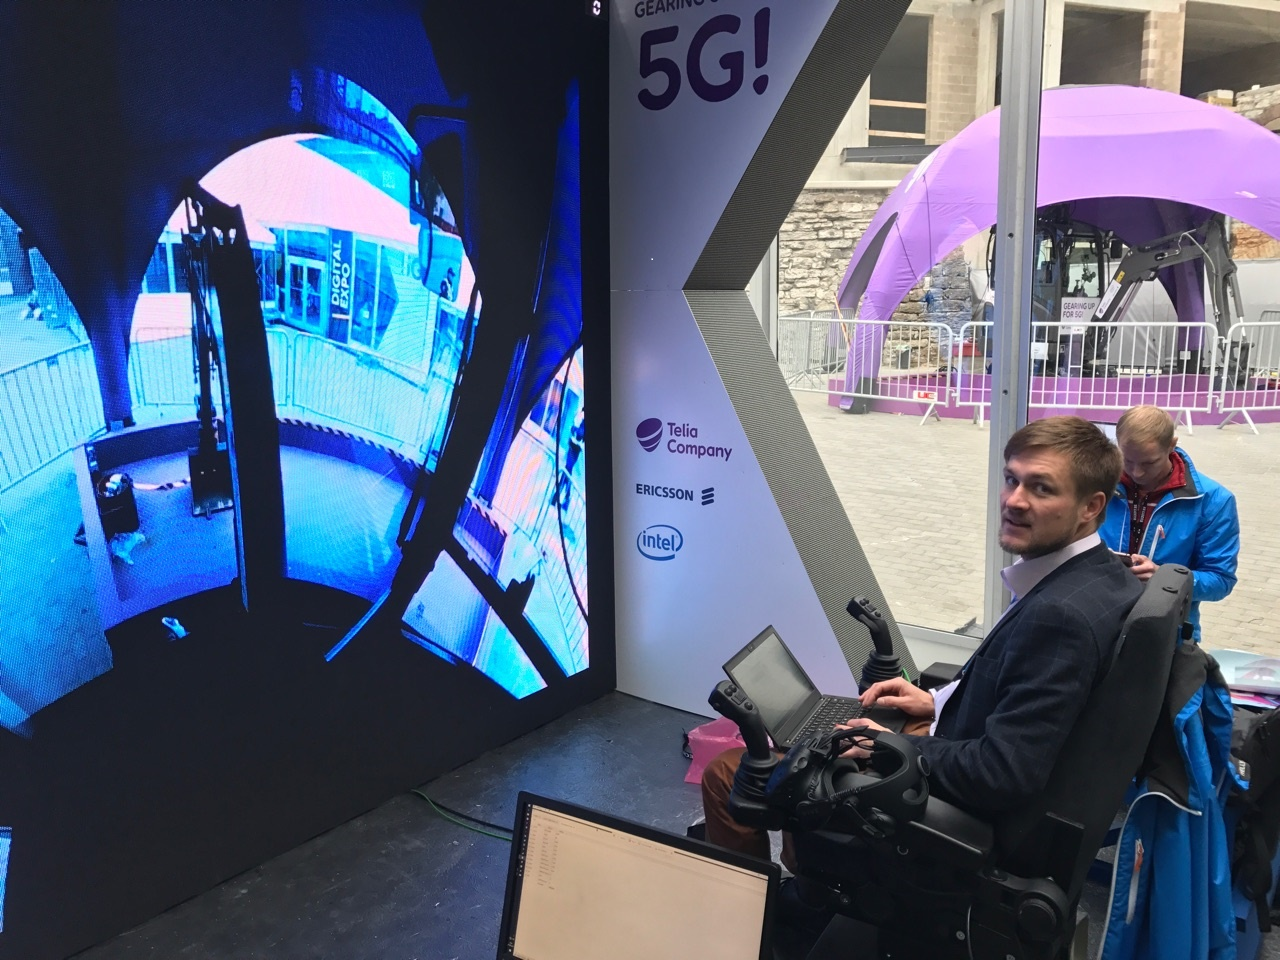 5G excavator at the EU Digital Summit in Tallinn